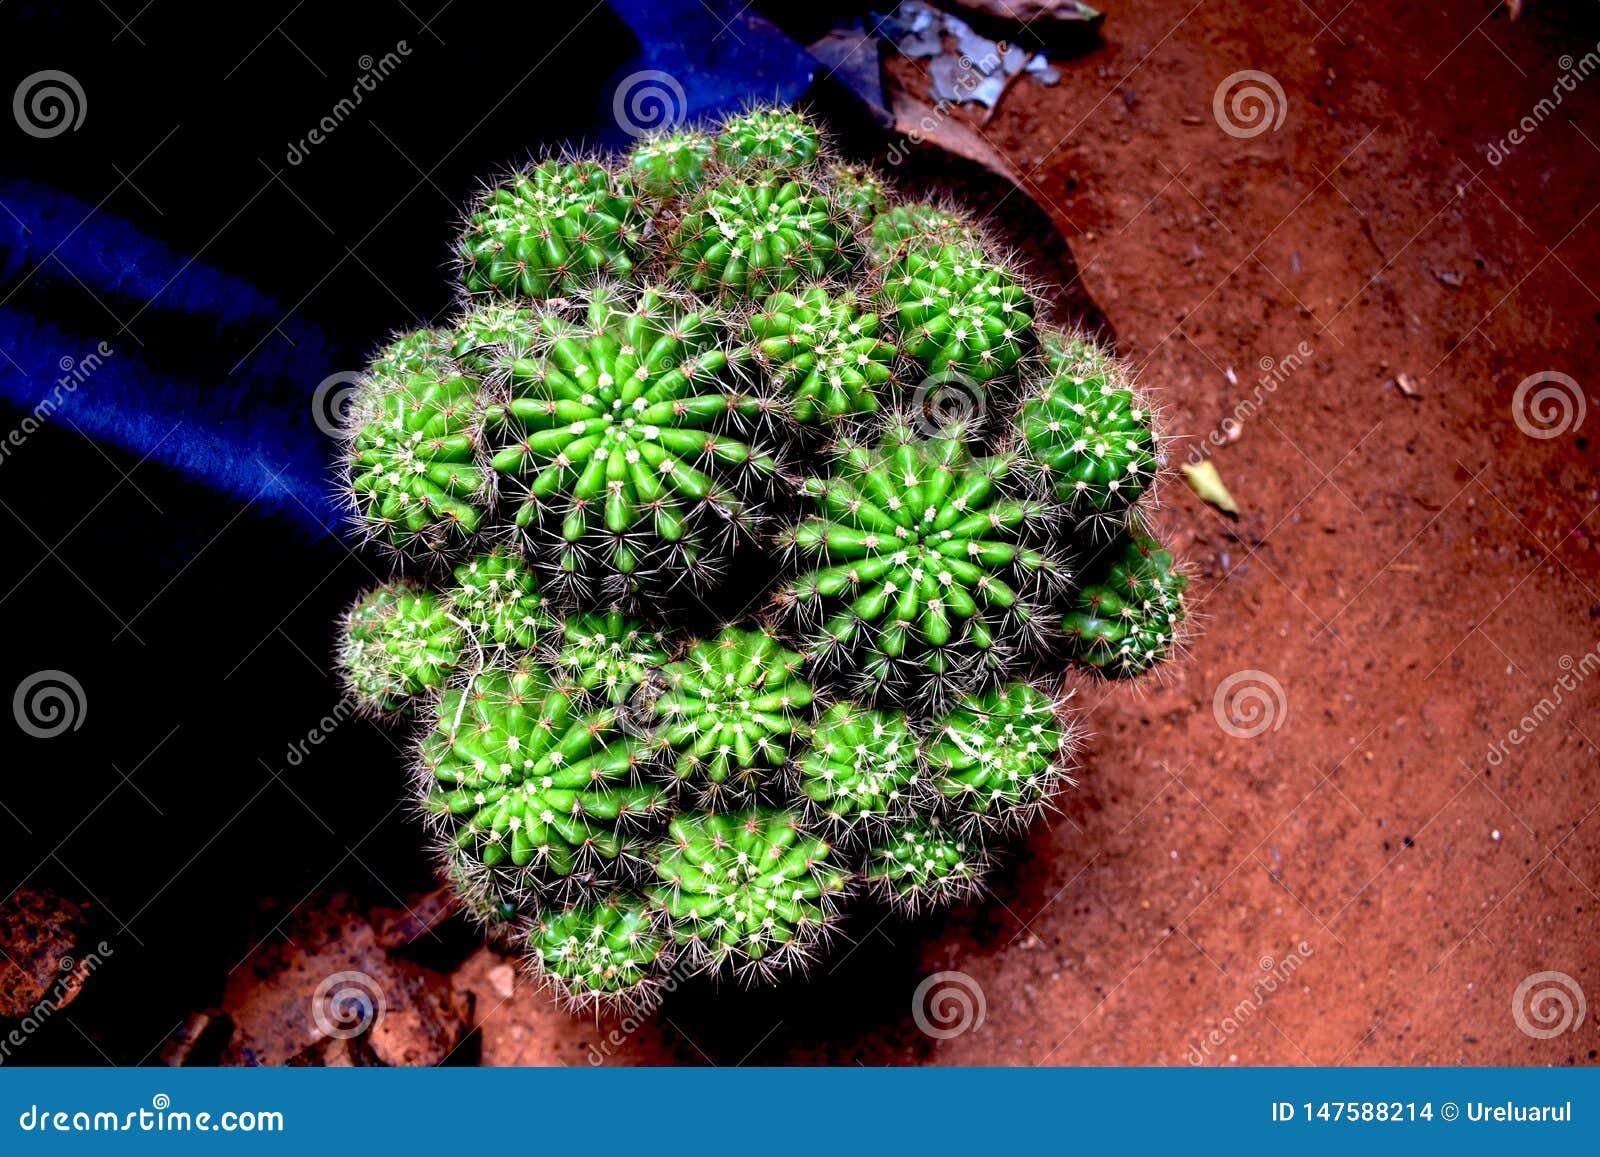 Cactus greeny. spiny cactus. spiny. barrel